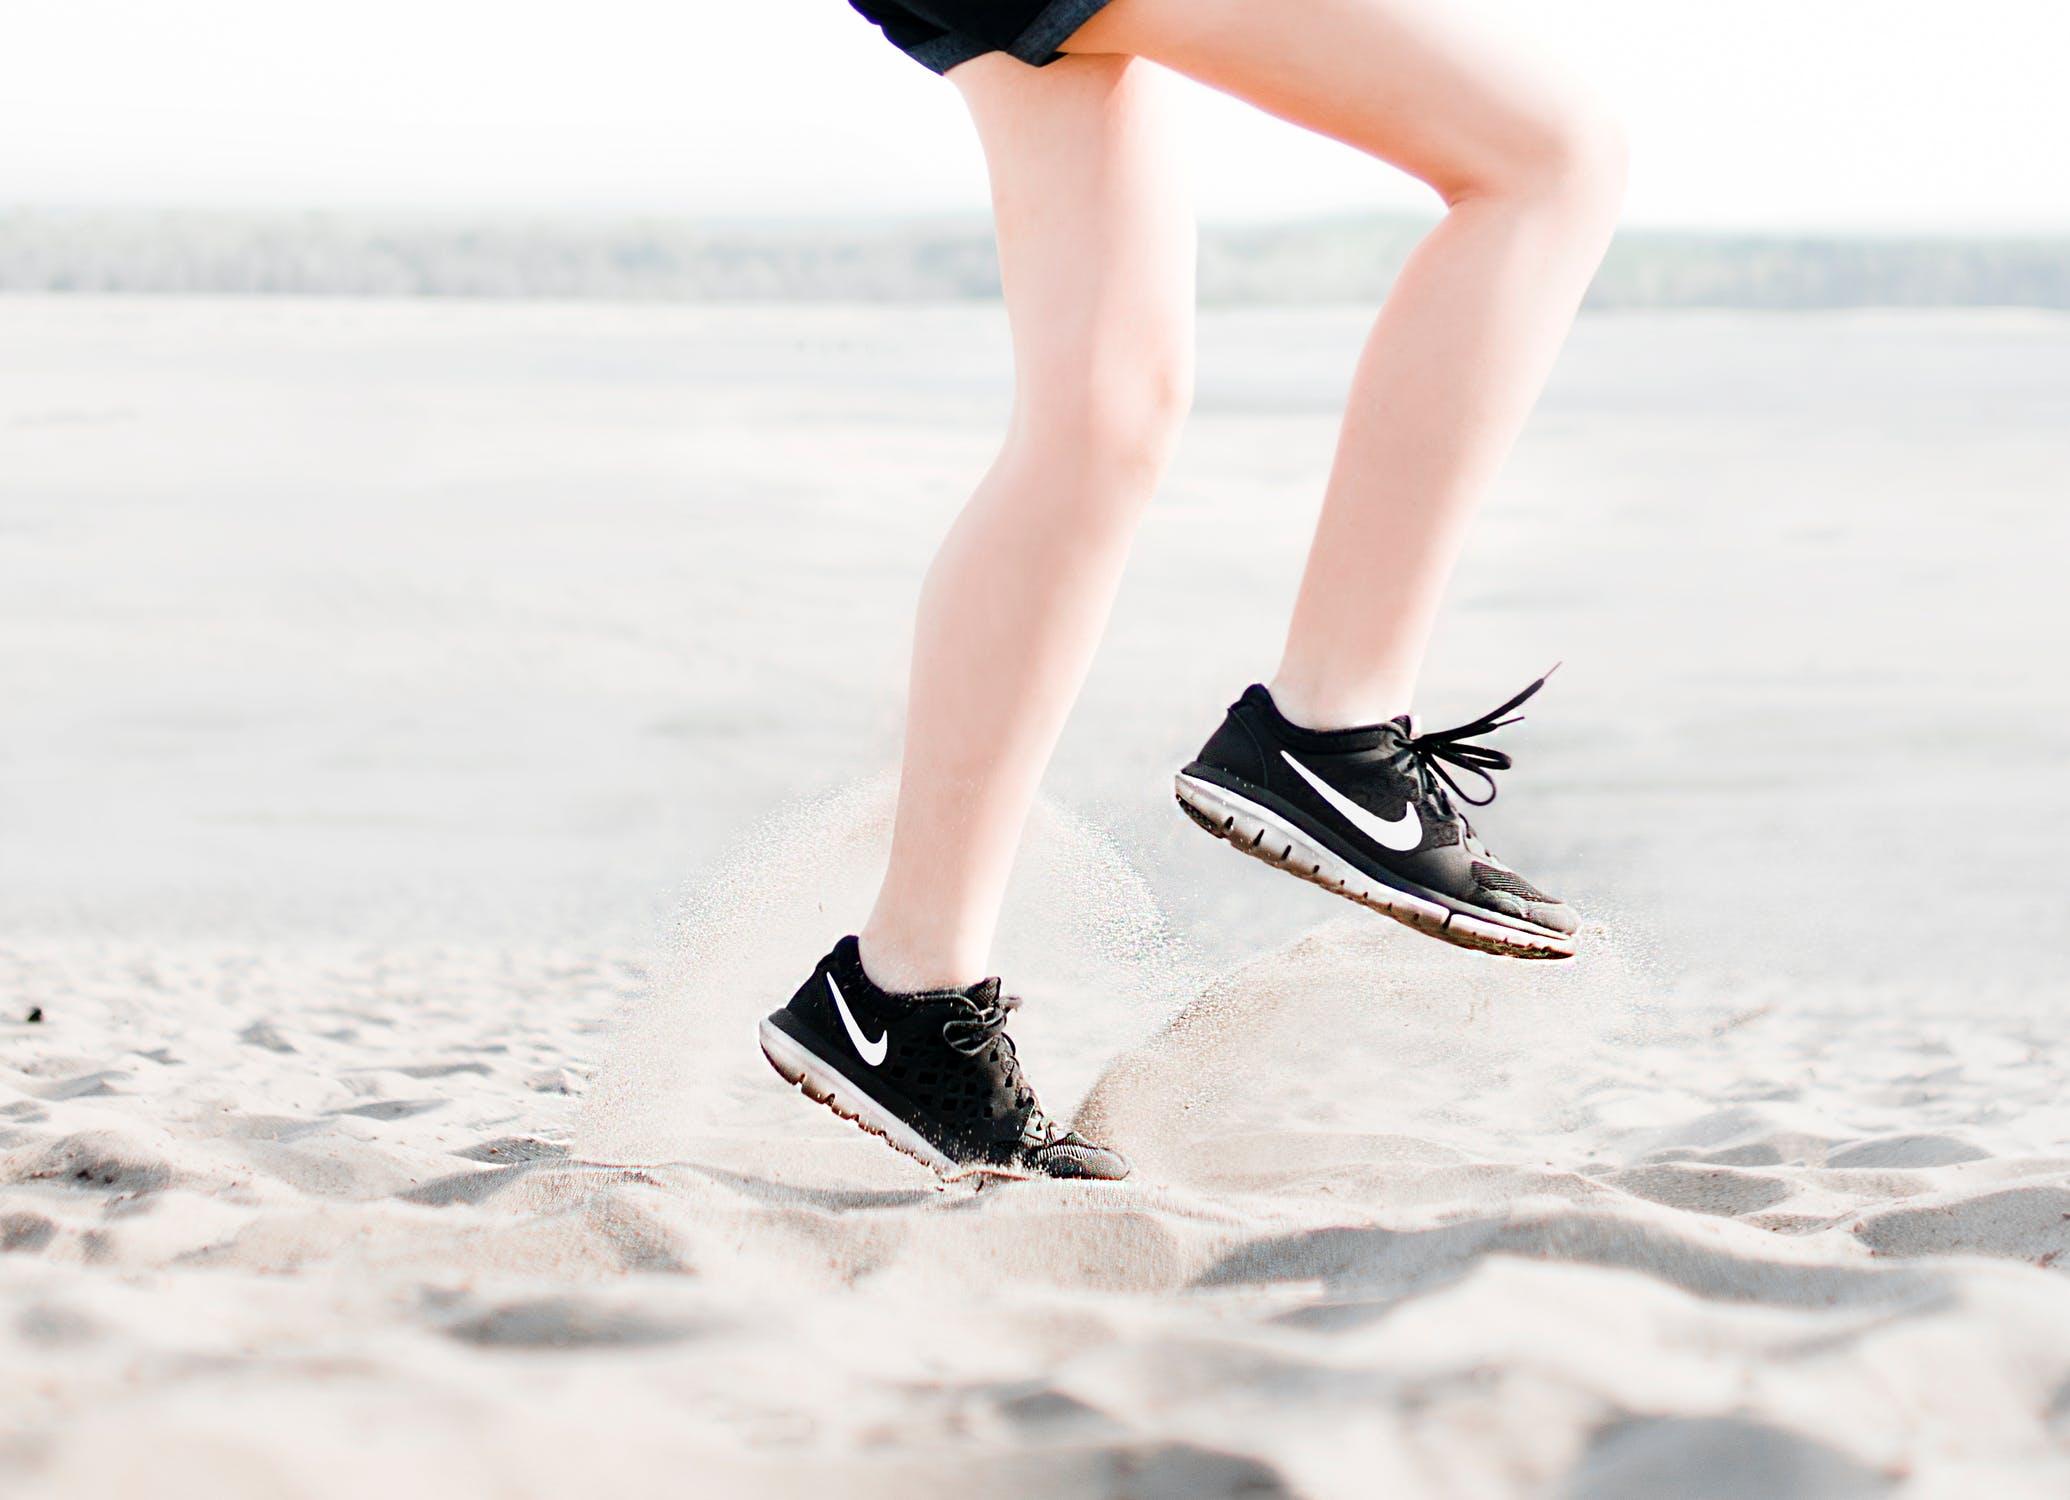 ¿Por qué las lesiones de rodilla son tan comunes?